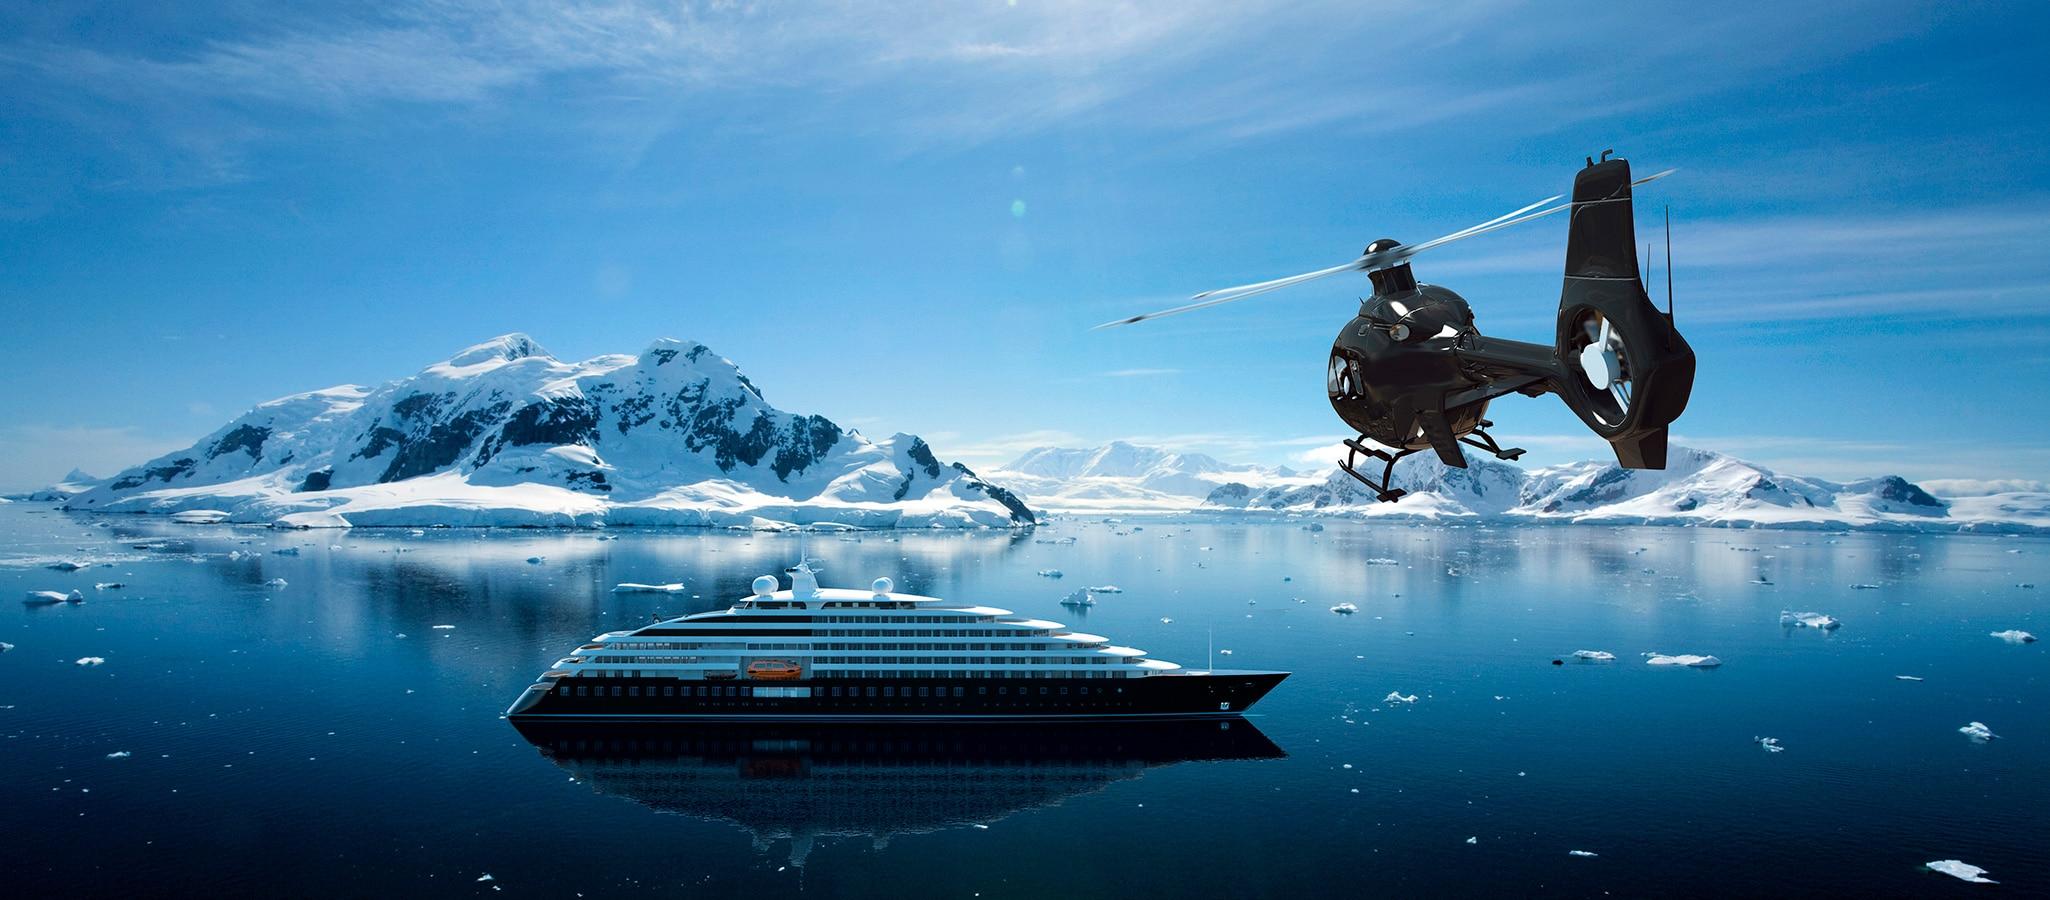 Discovering heißt die Zauberformel, die einzigartige Events verspricht. Sie bringt Ihre Gäste in Regionen, die ohne die bordeigenen Helikopter nur schwer erreichbar wären.